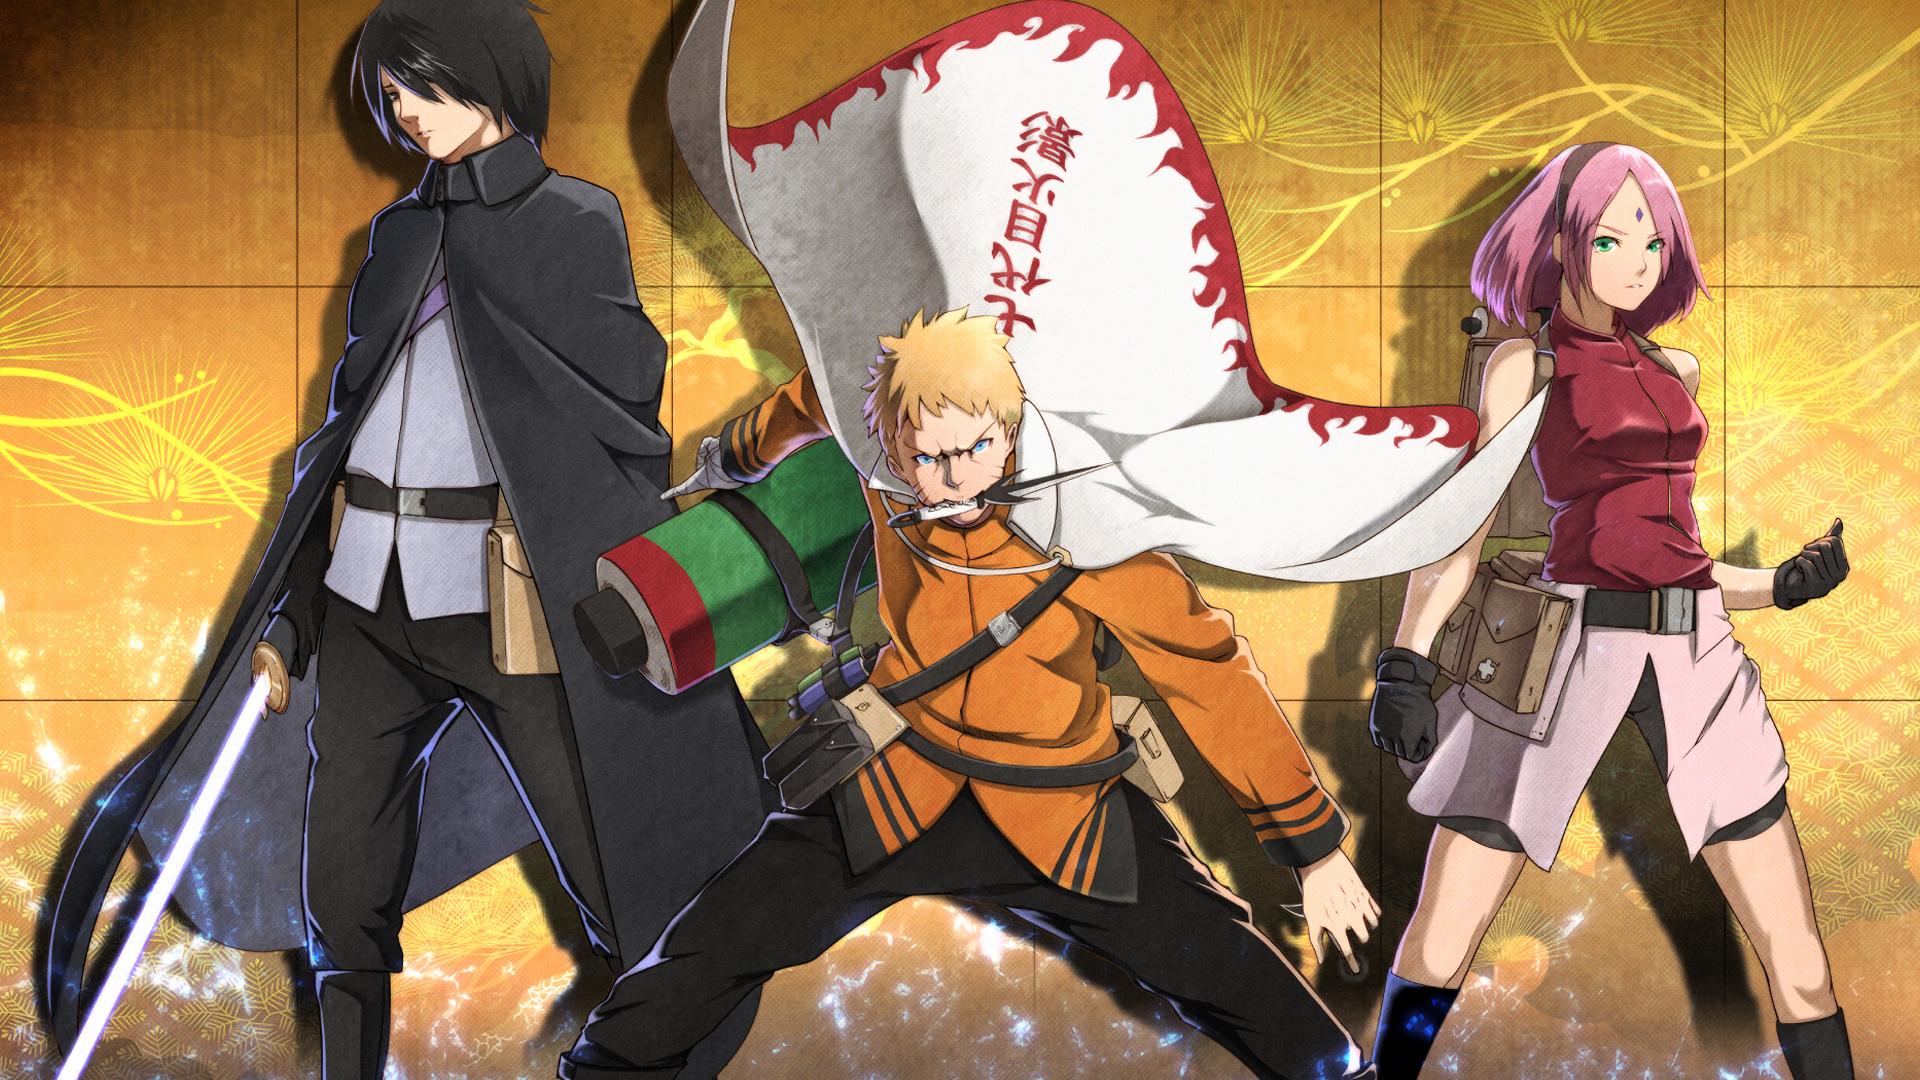 Naruto And Sasuke Wallpapers Widescreen Naruto Sasuke E